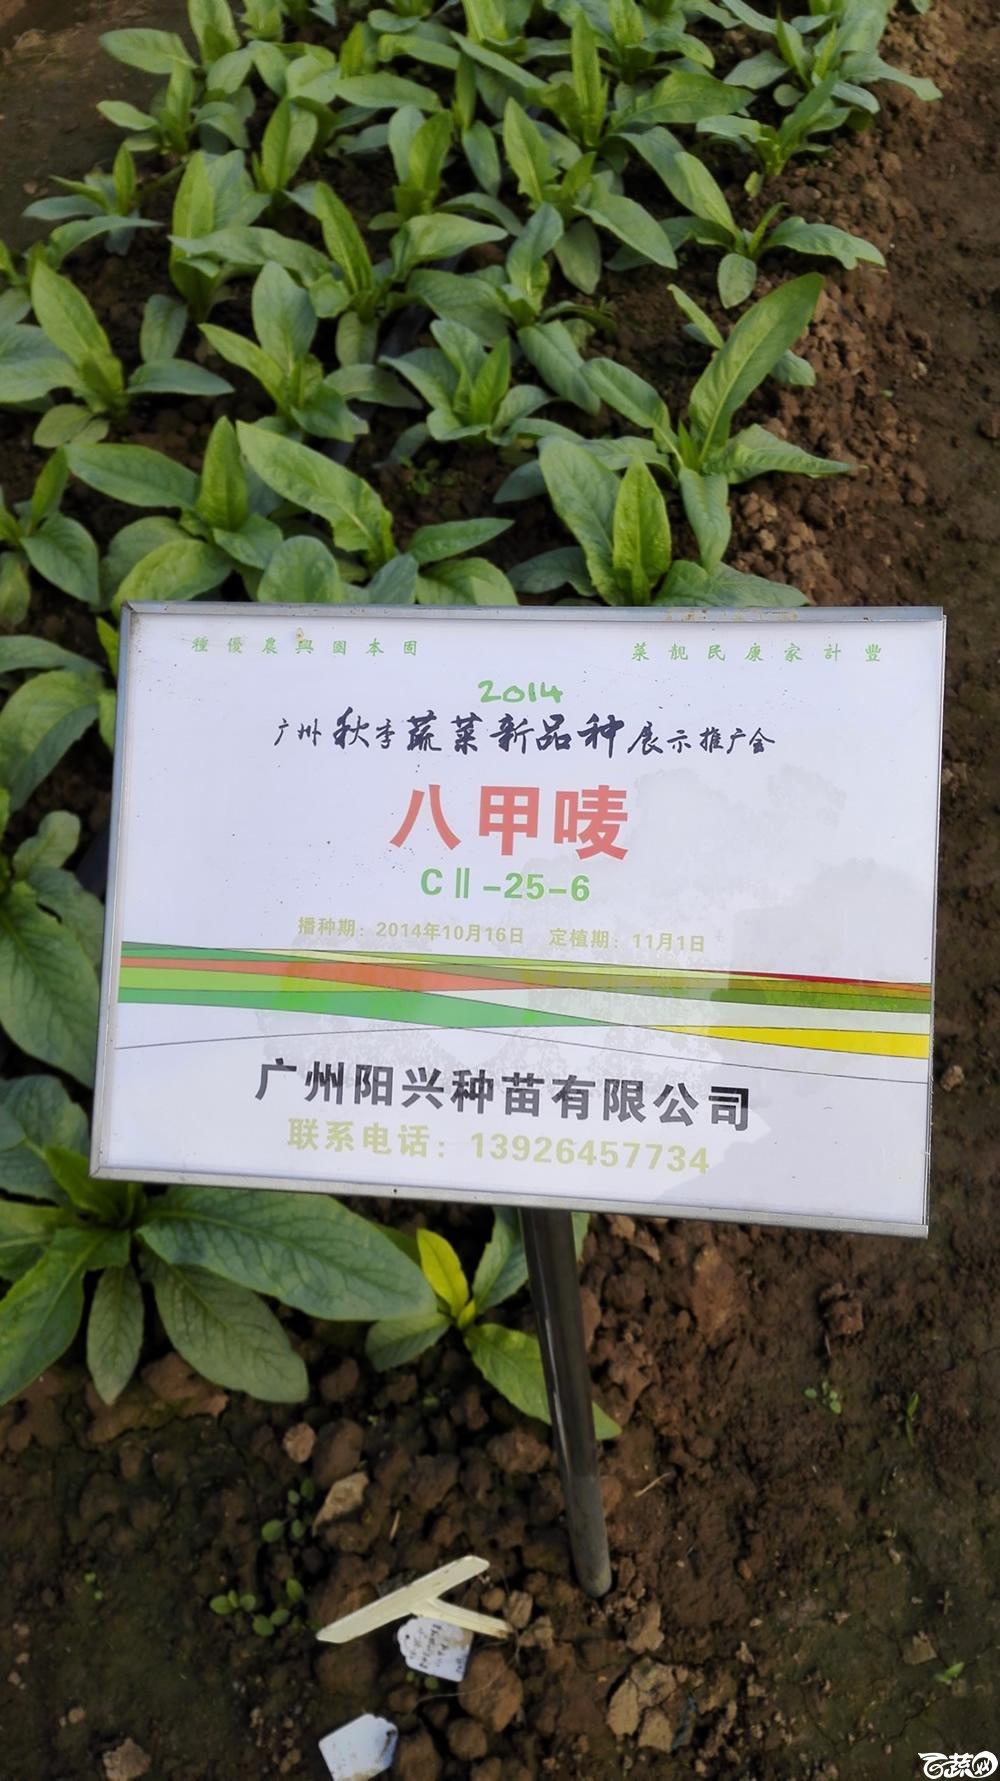 2014年12月10号广州市农科院南沙秋季蔬菜新品种展示会_叶菜_235.jpg